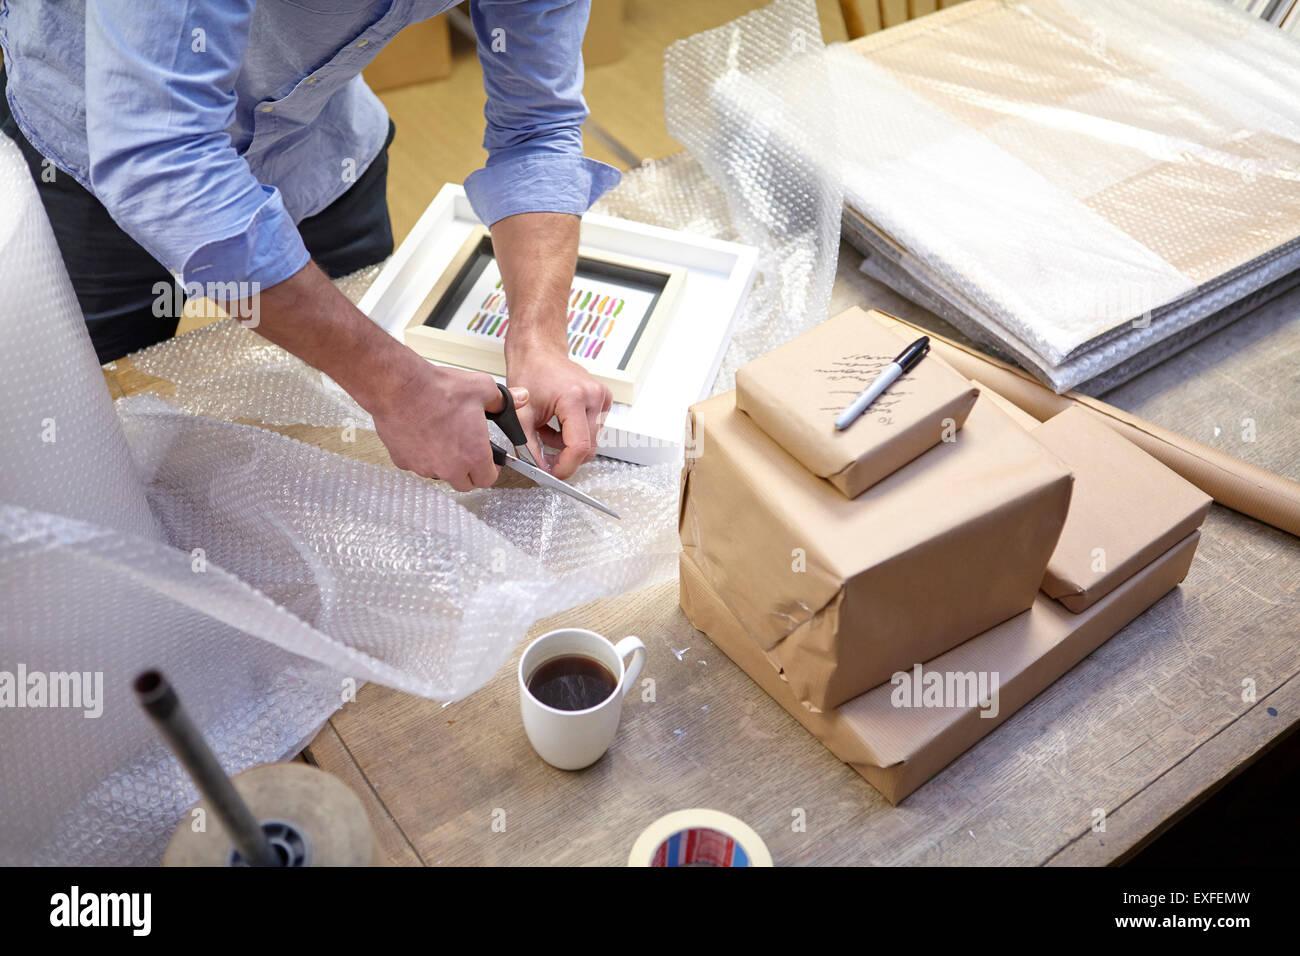 Taglio uomo Bubble wrap su tavola in picture corniciai workshop Immagini Stock